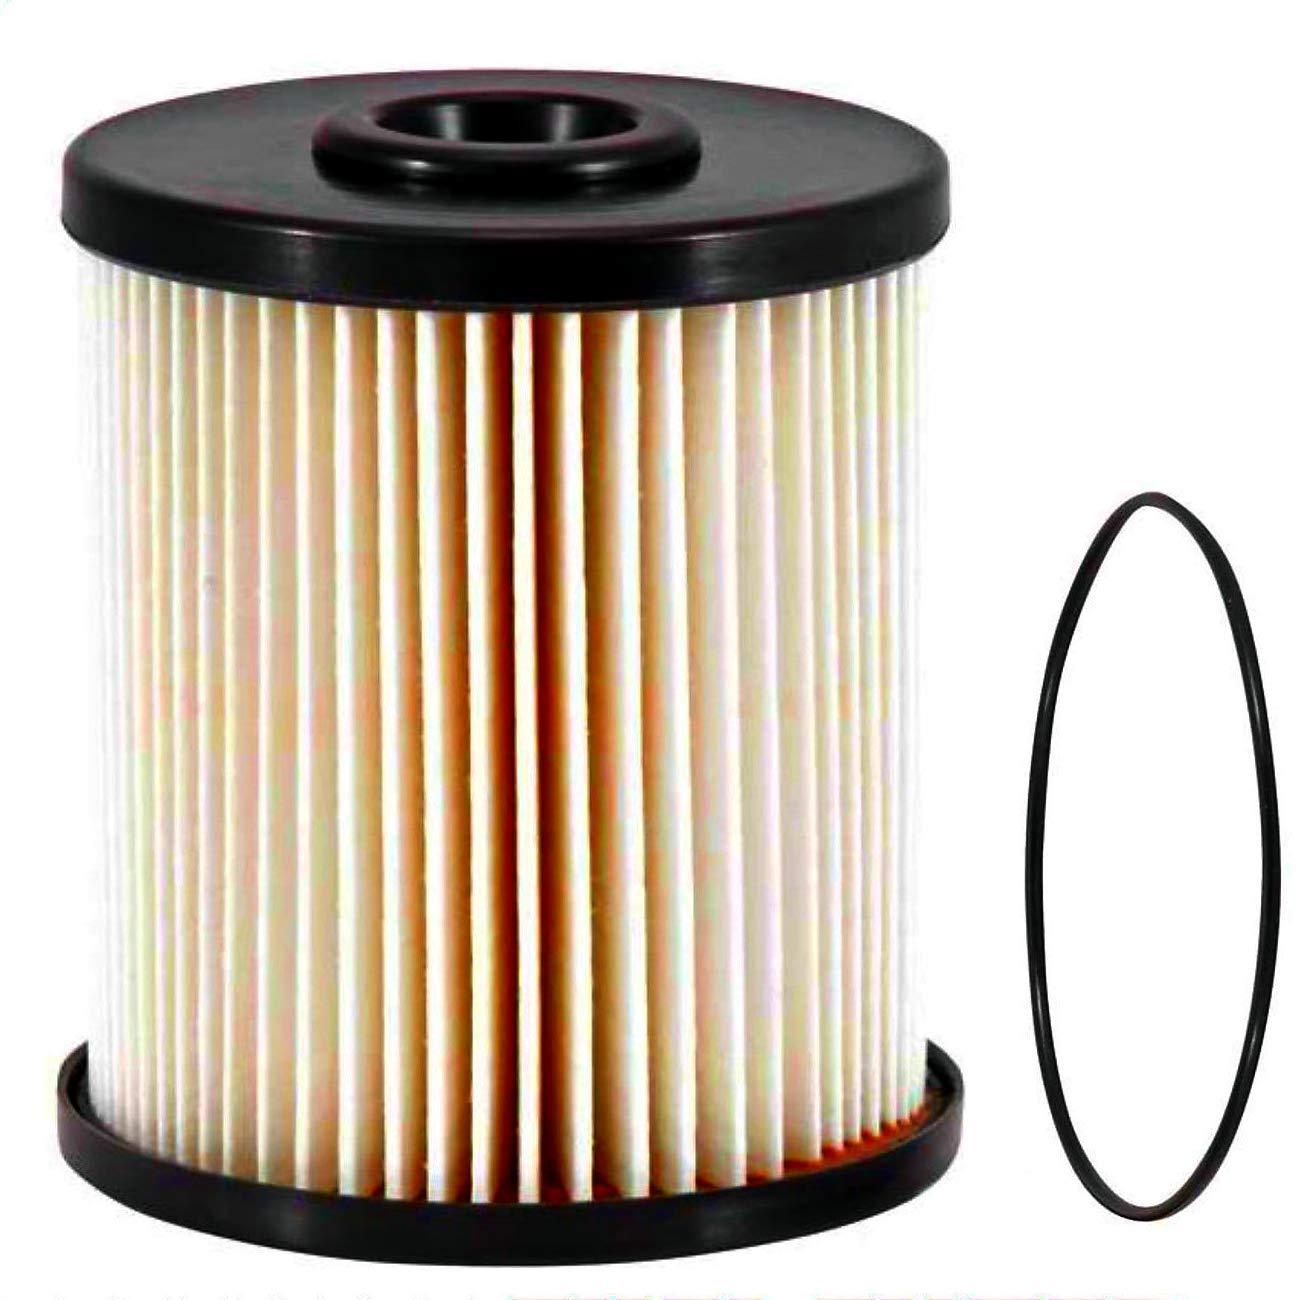 Cummins FS19856 Fuel Filter